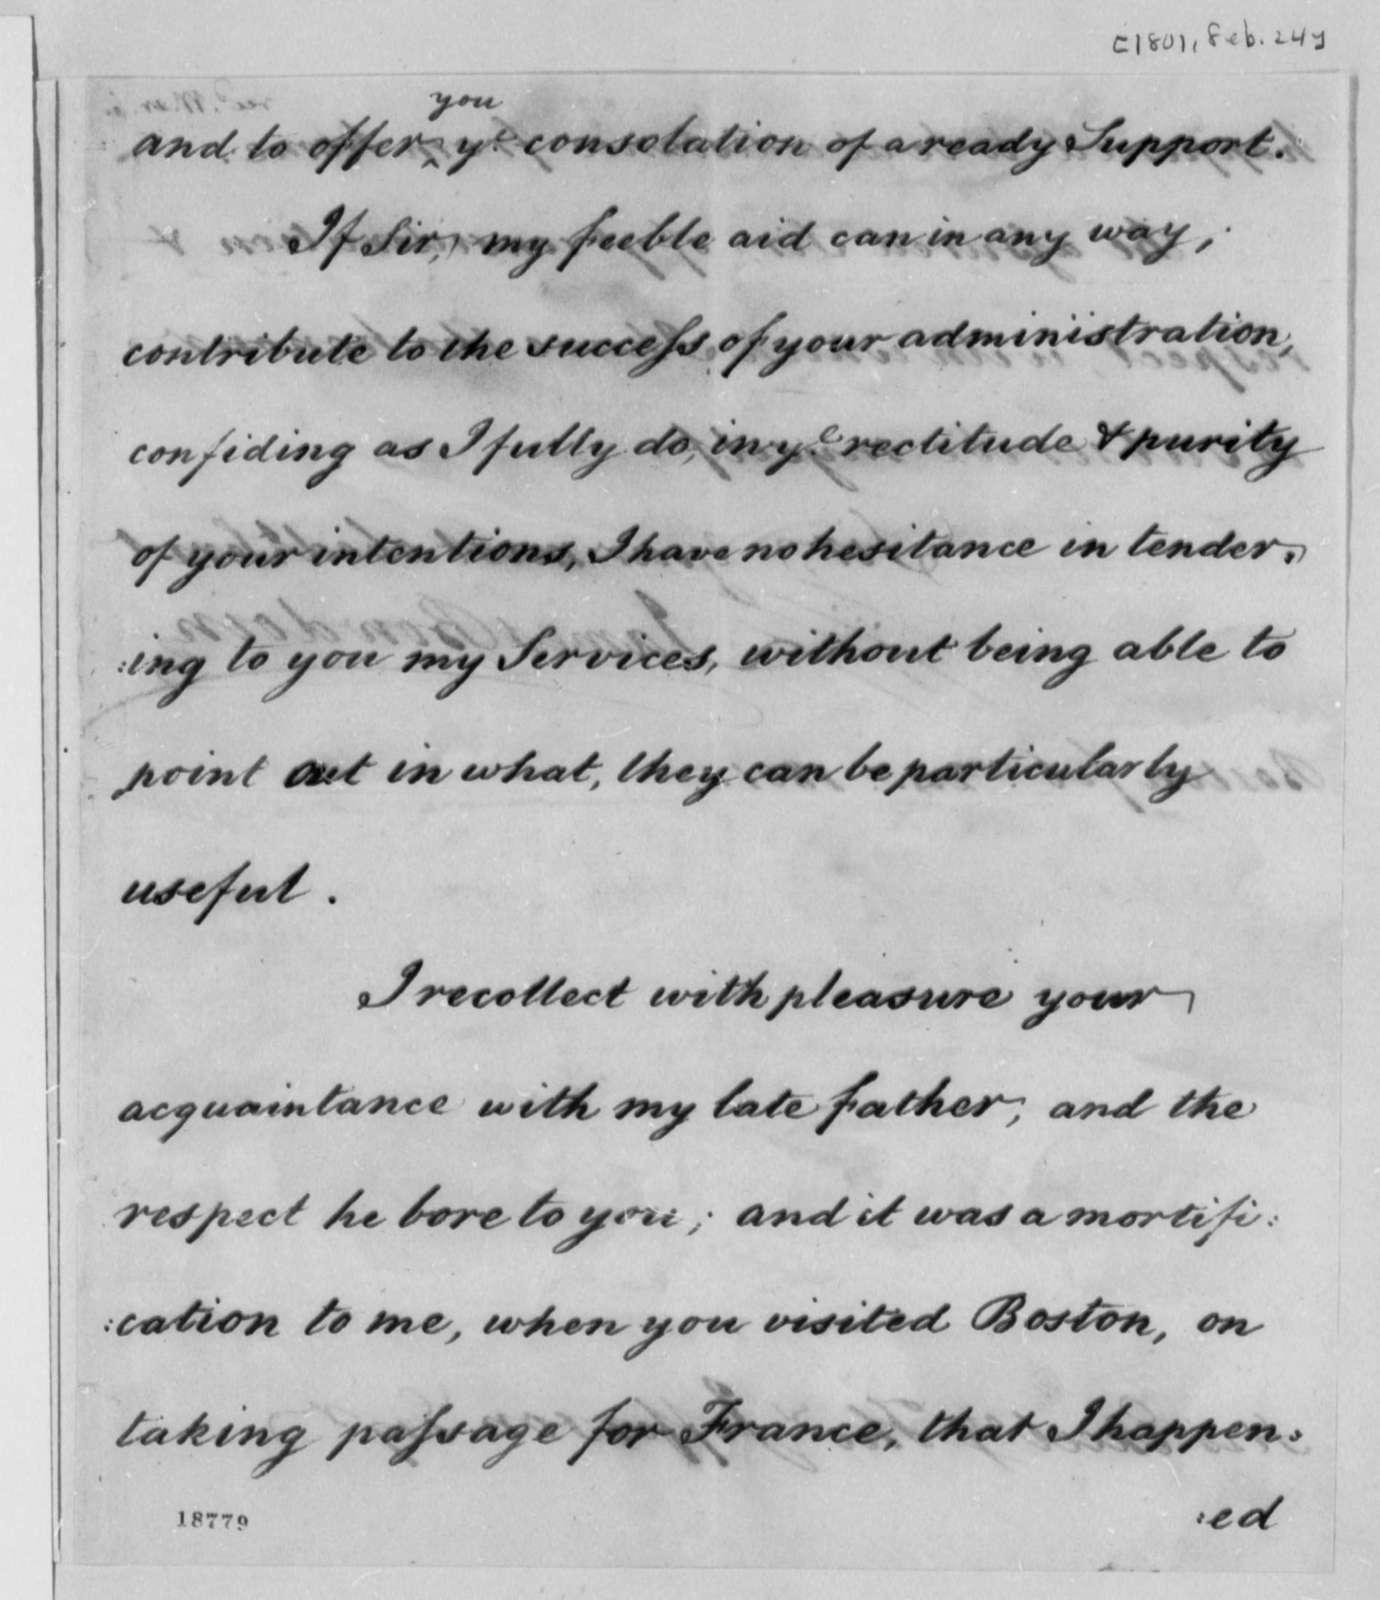 James Bowdoin to Thomas Jefferson, February 24, 1801